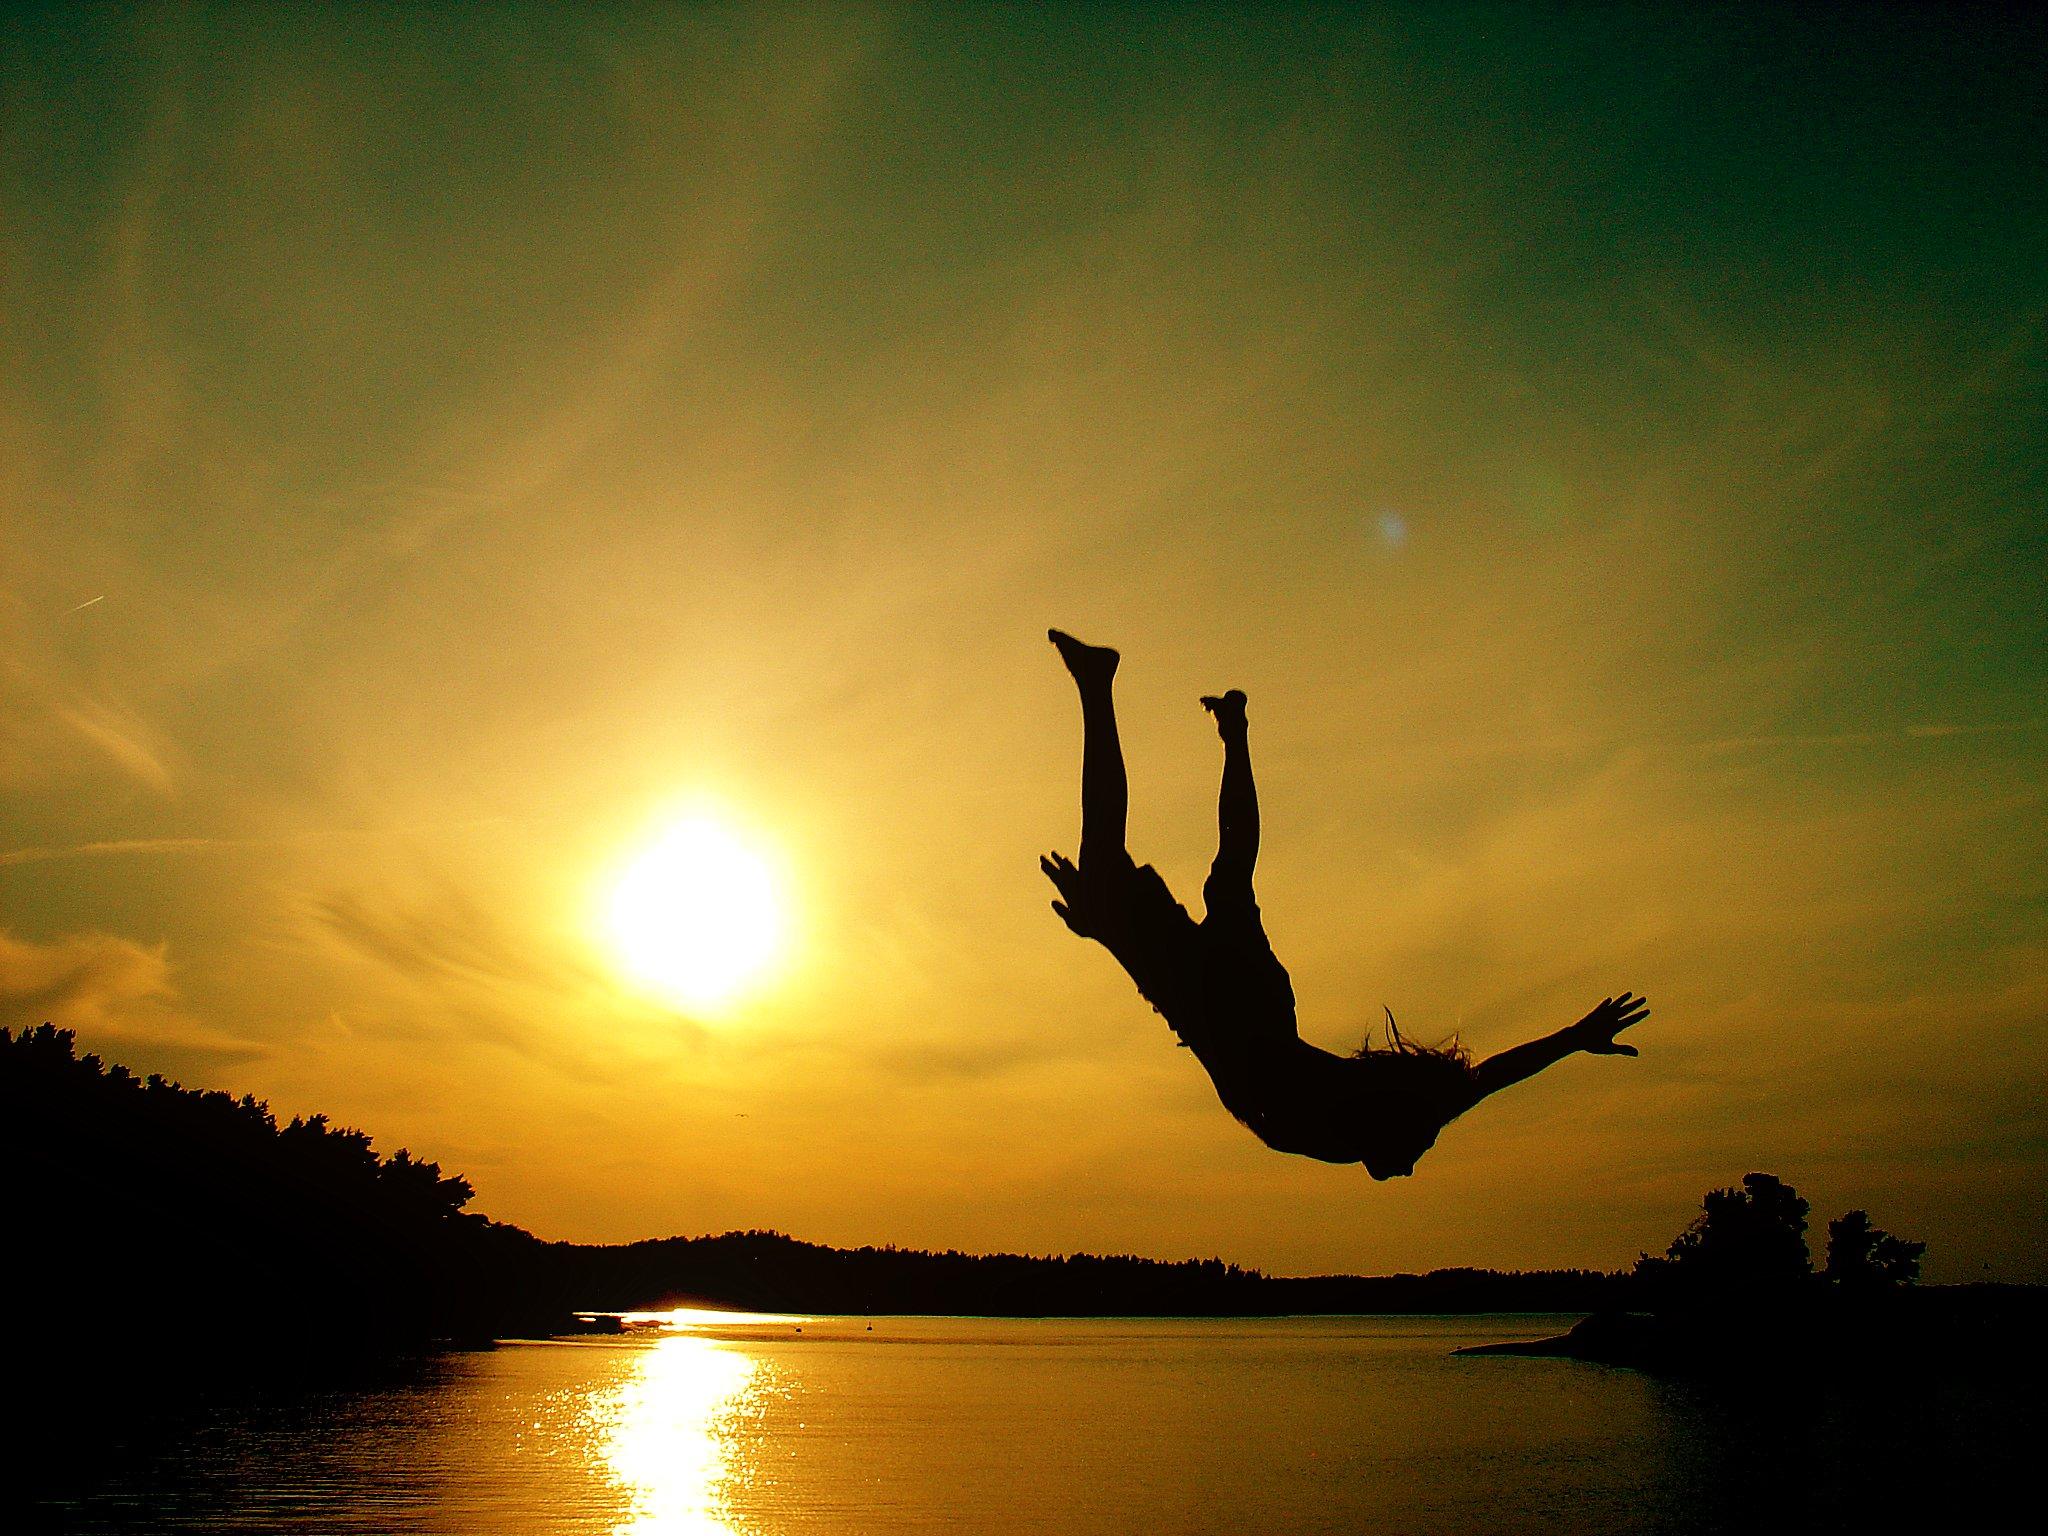 закат солнце, скачать фото, лето, прыжок  в воду